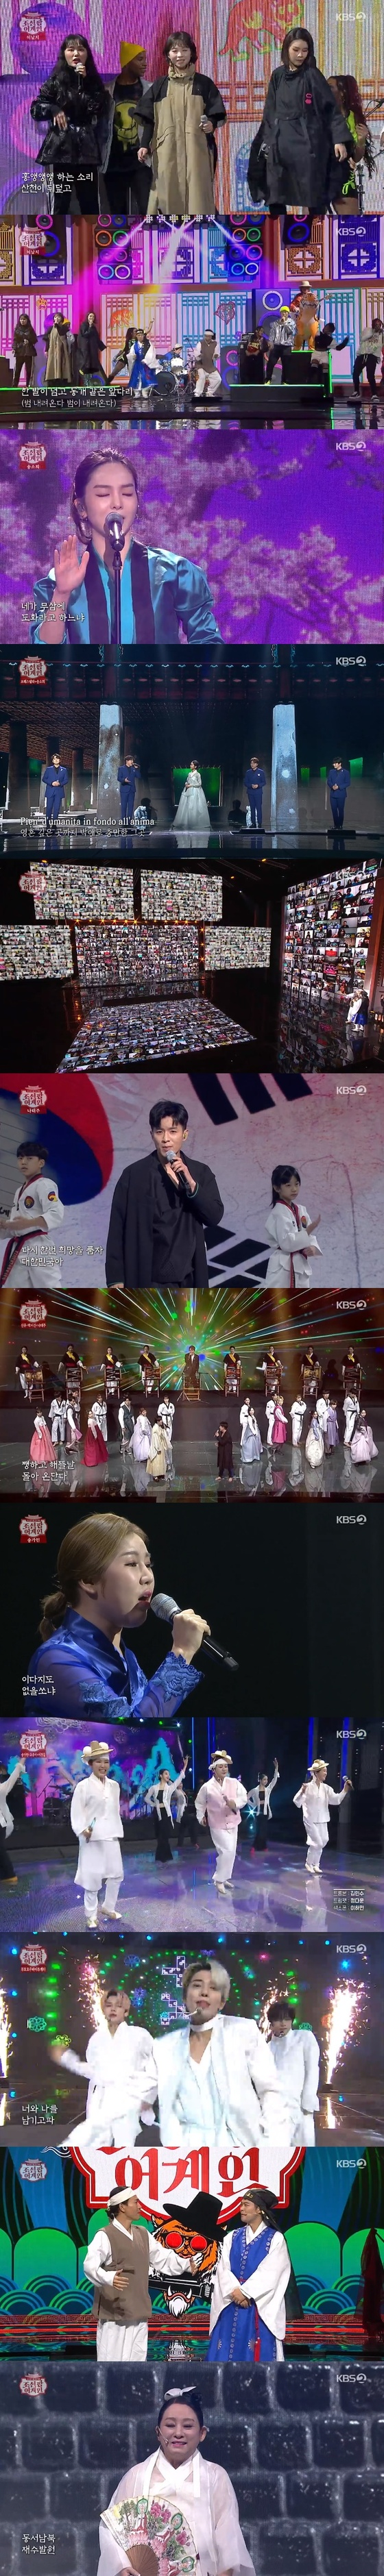 '조선 팝 어벤져 스'이날치 → 송가 인 모두 파견 … '조선 팝 어벤져 스'스페셜 스테이지 (종합)